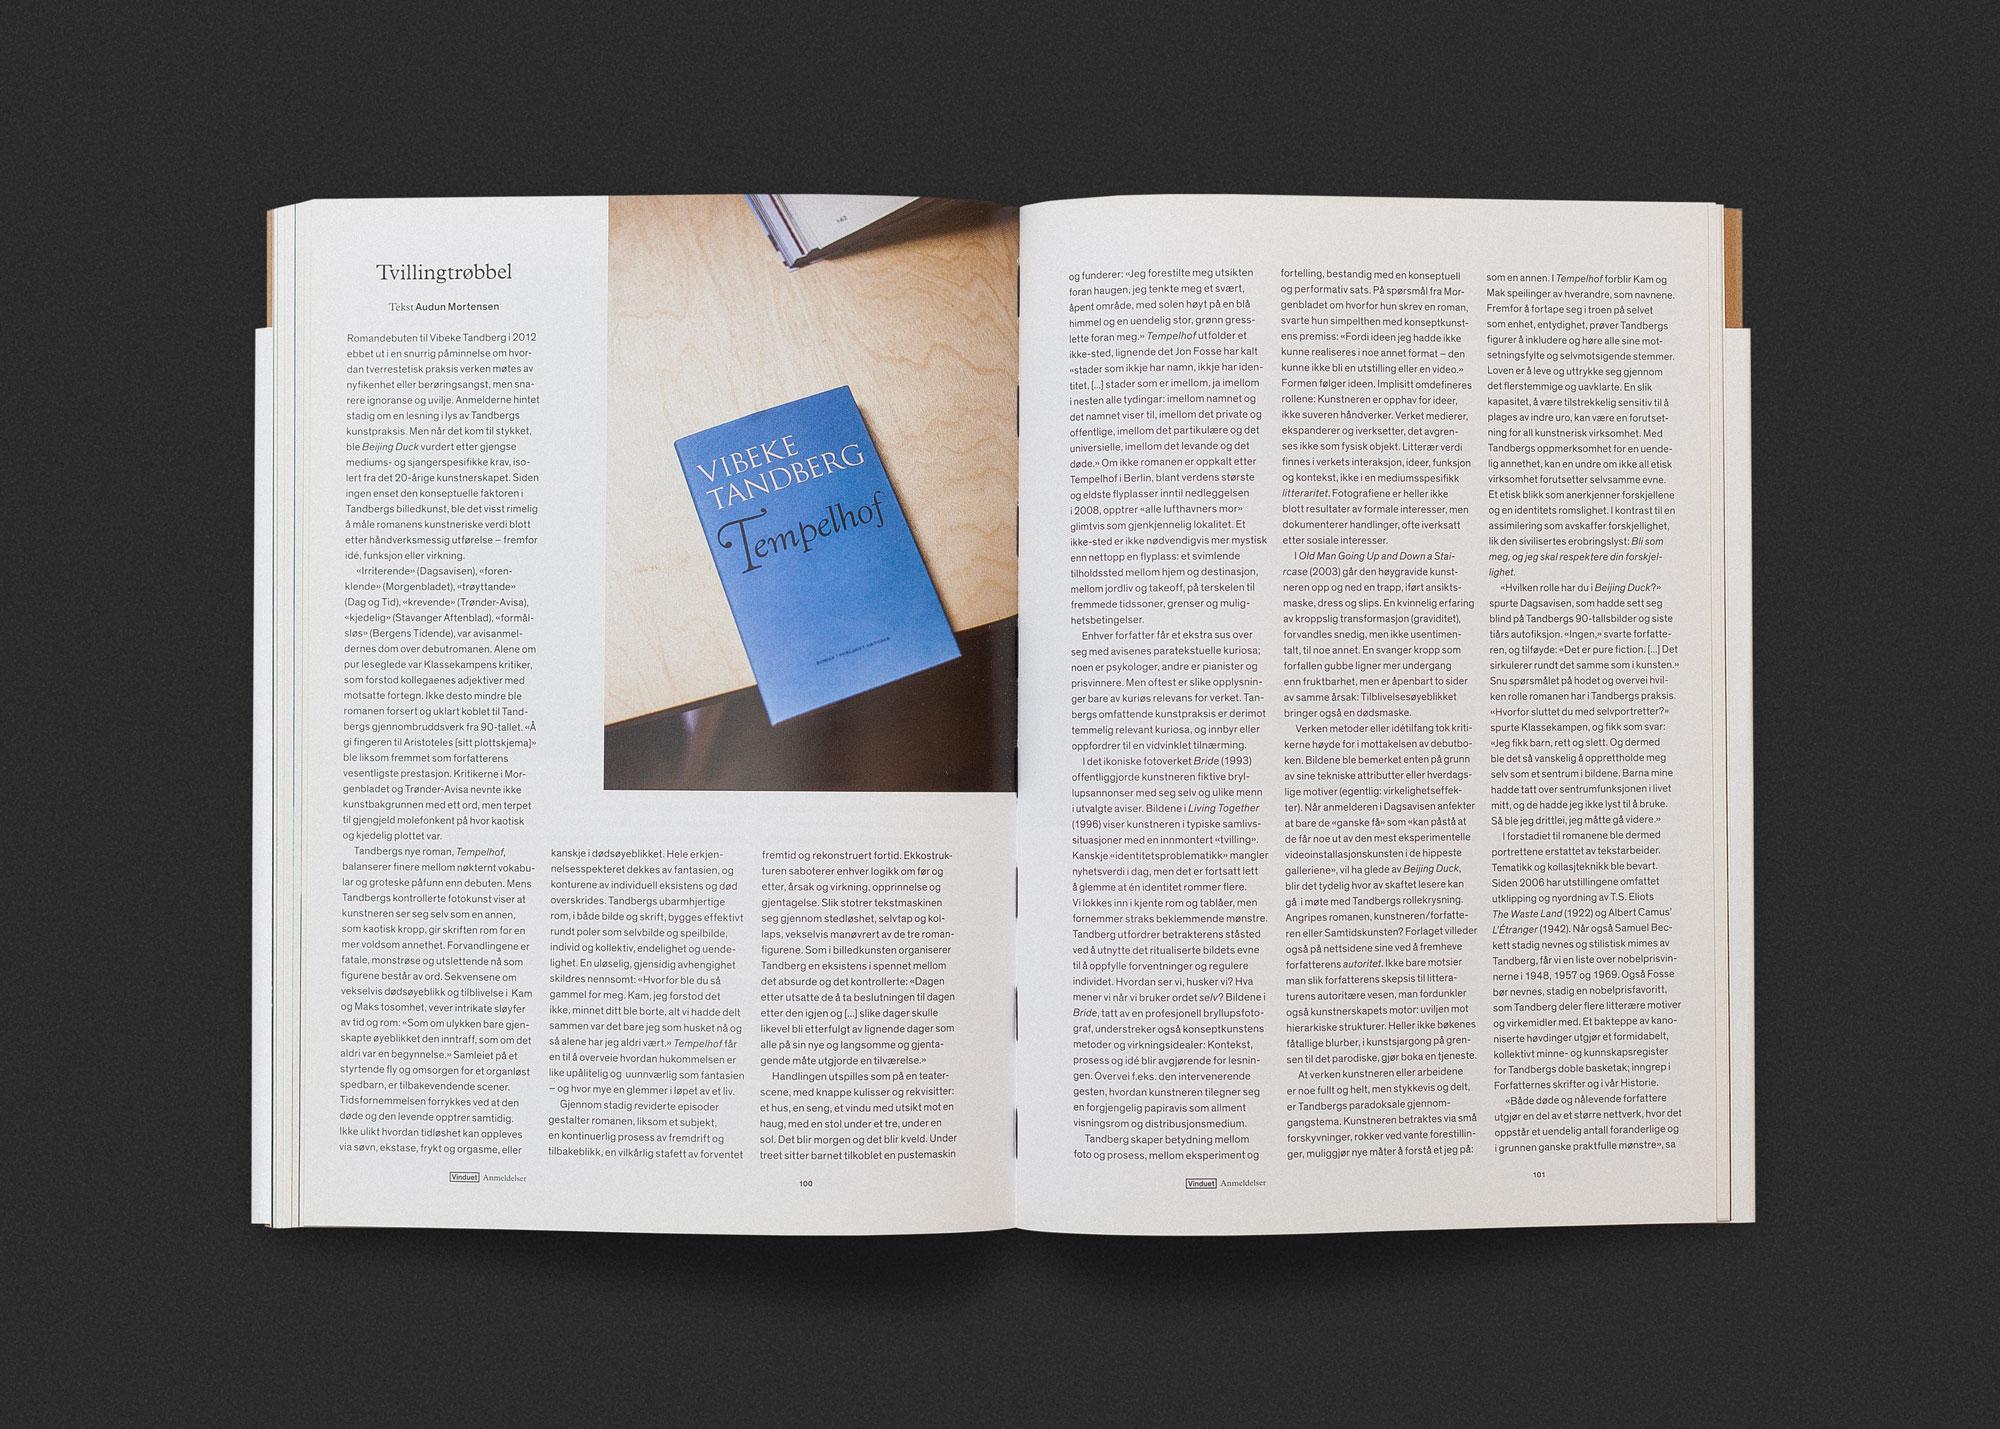 Vinduet literary journal